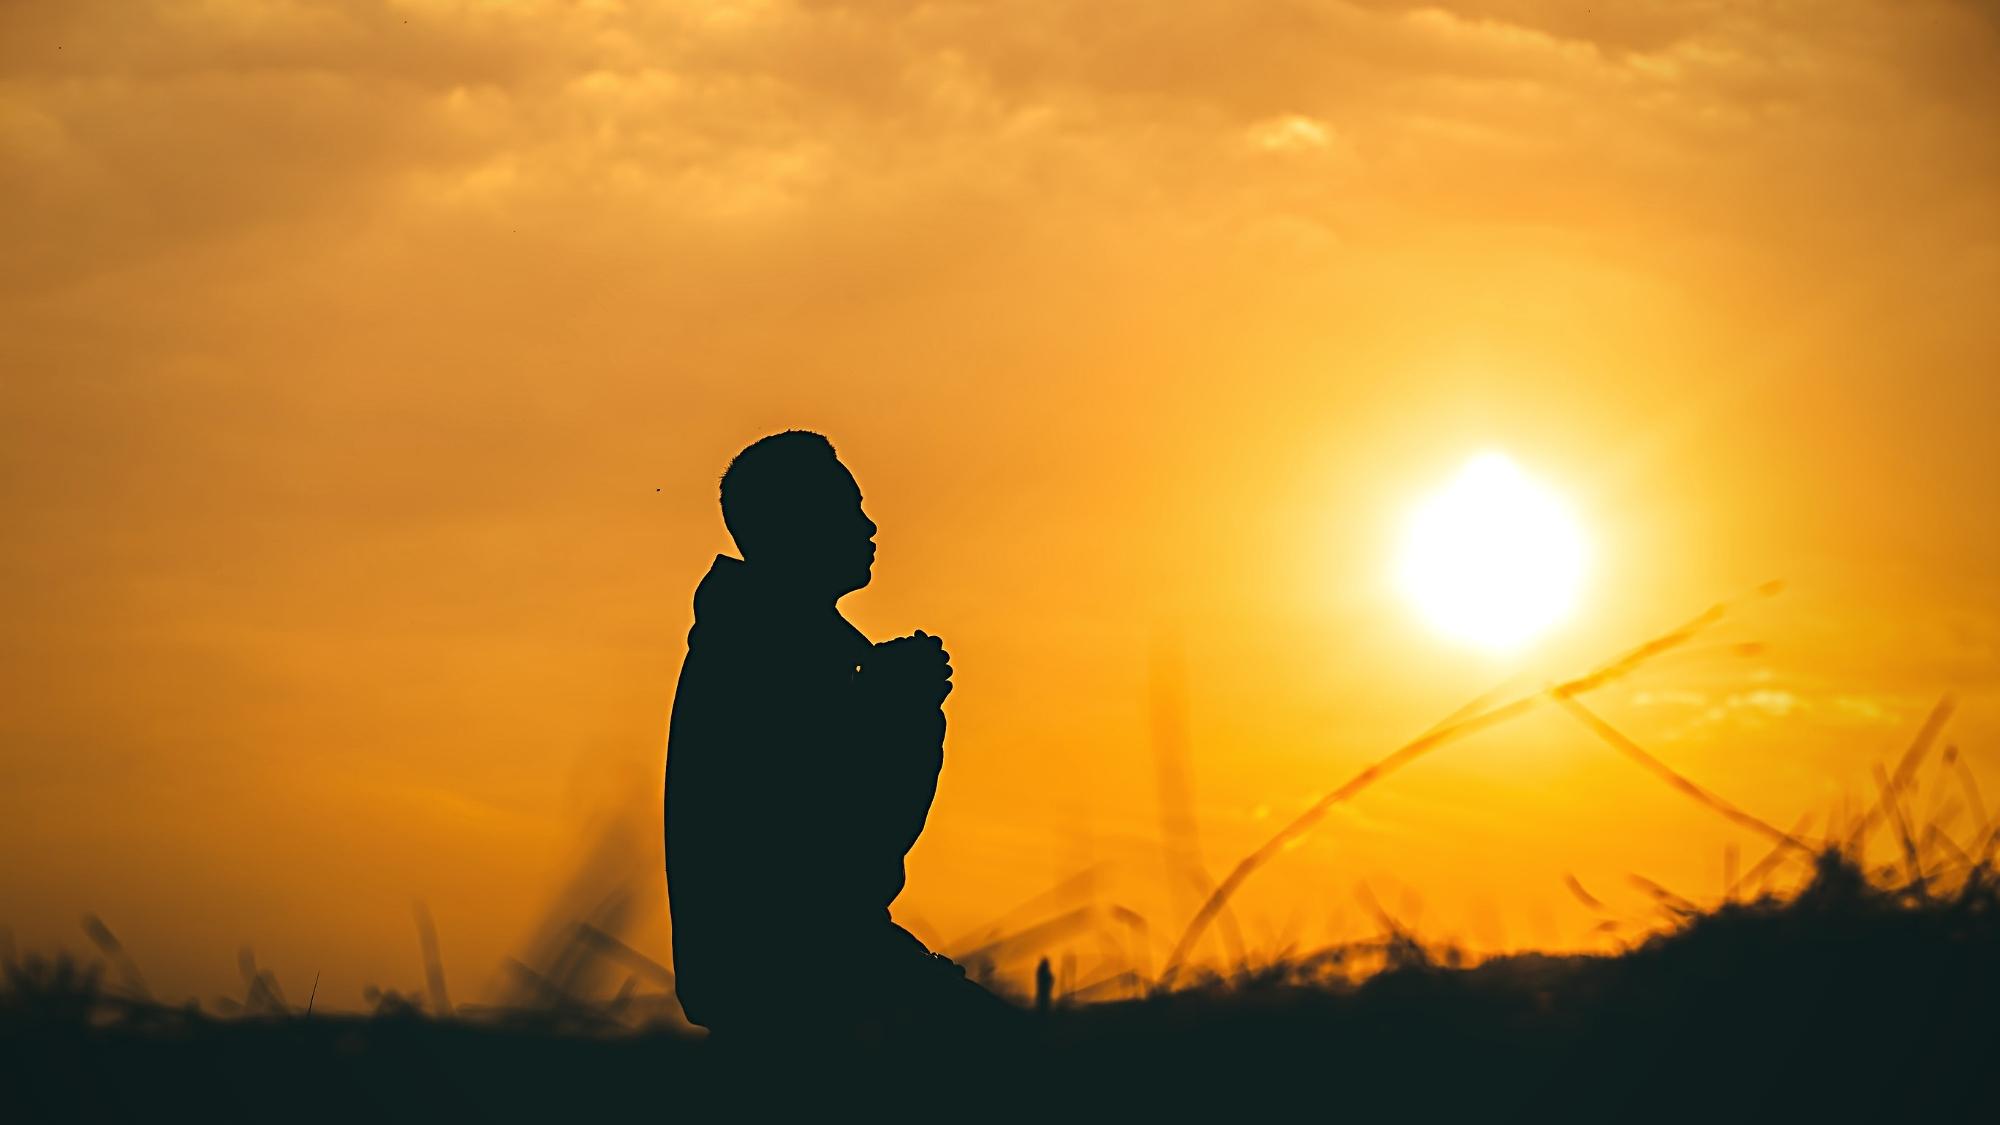 Negative Glaubenssätze auflösen und erkennen beschrieben durch die Silhouette eines Menschen im Sonnenuntergang